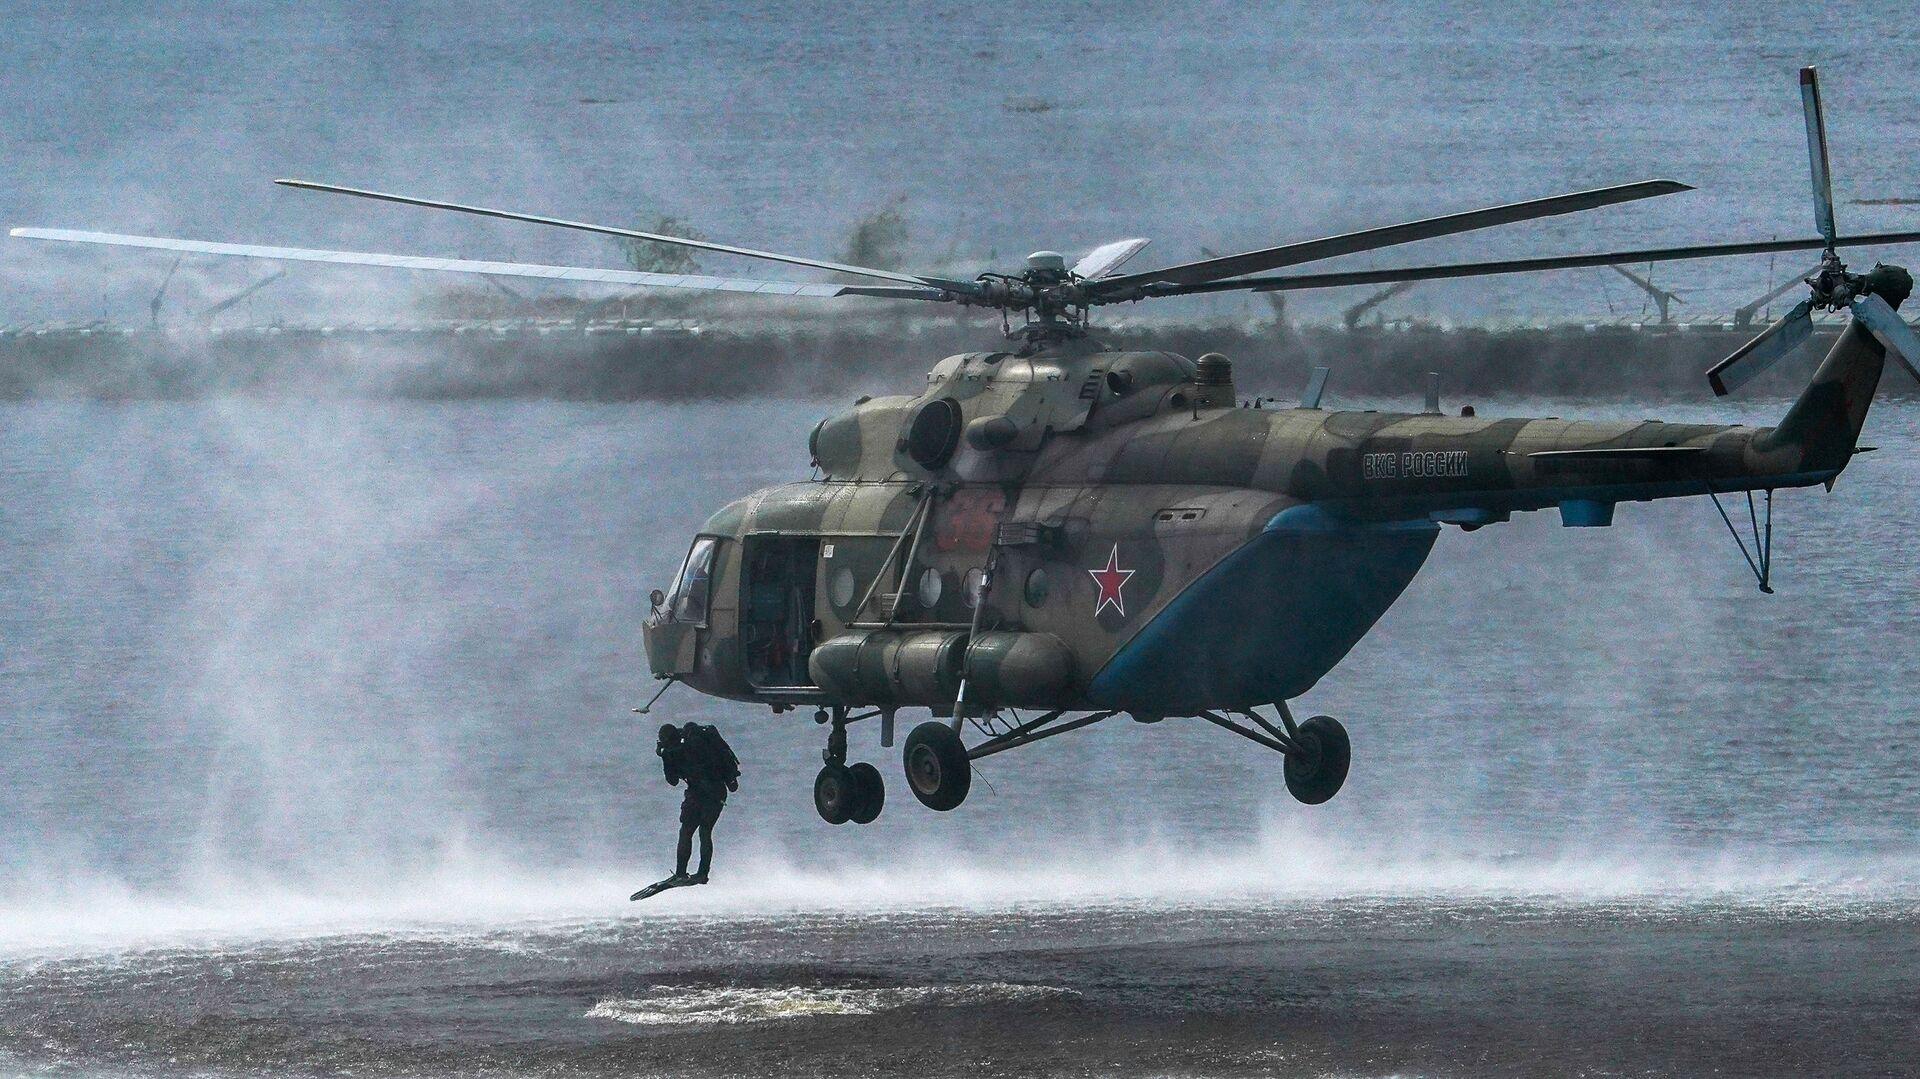 Военнослужащие десантируются из вертолета Ми-8 в ходе демонстрационной программы военной техники в рамках Международного форума Армия-2020 - Sputnik Česká republika, 1920, 24.06.2021